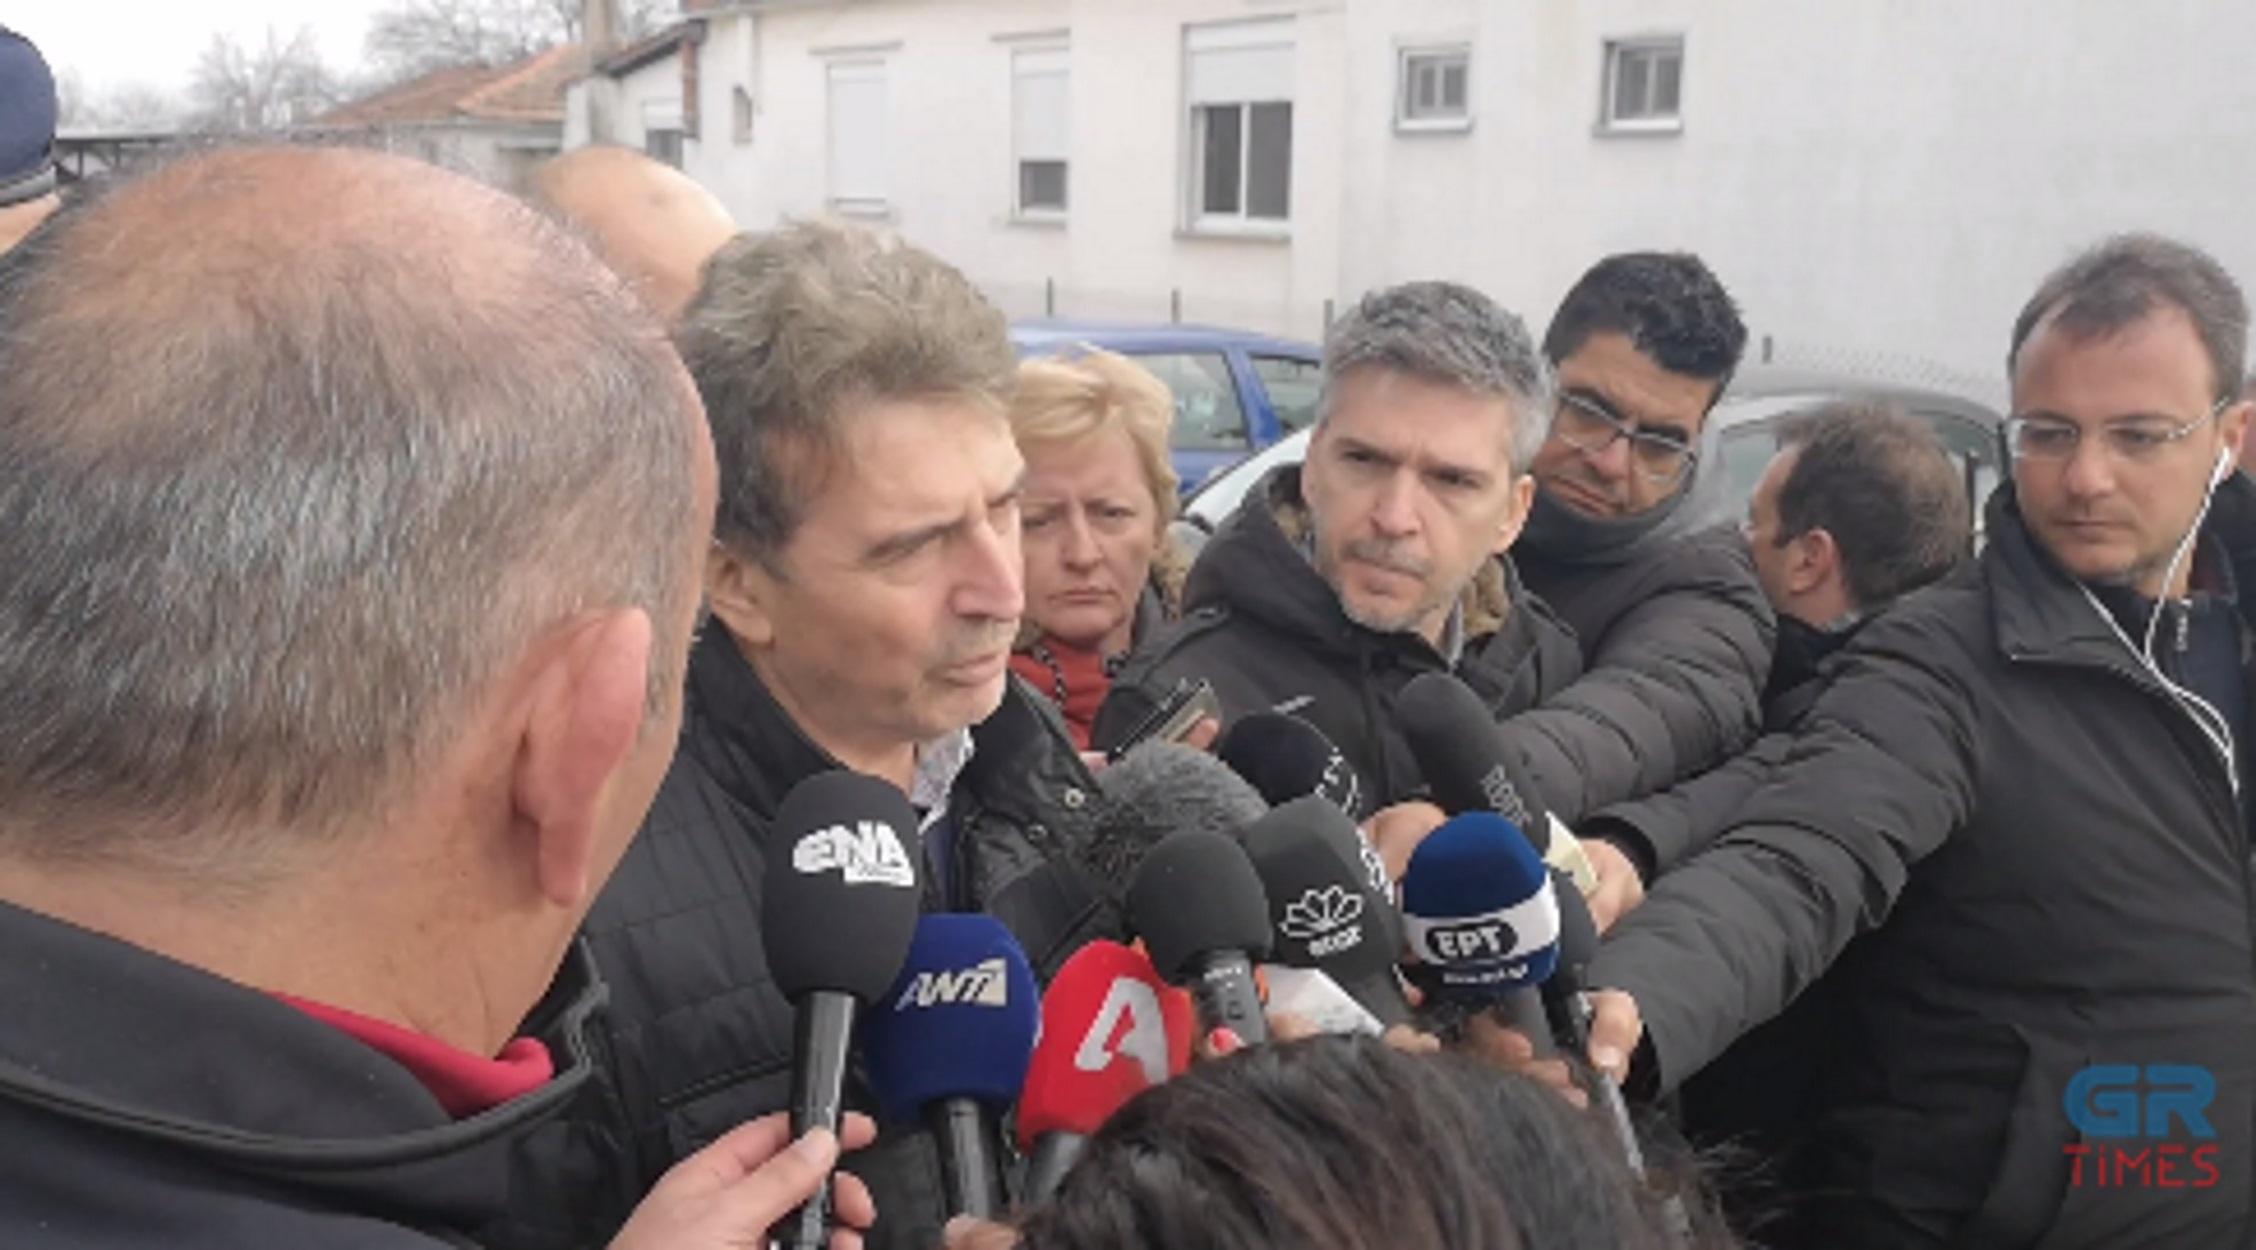 """Χρυσοχοΐδης στον 'Εβρο: """"Δεν περνάει κανείς χωρίς νόμιμα ταξιδιωτικά έγγραφα""""! video"""